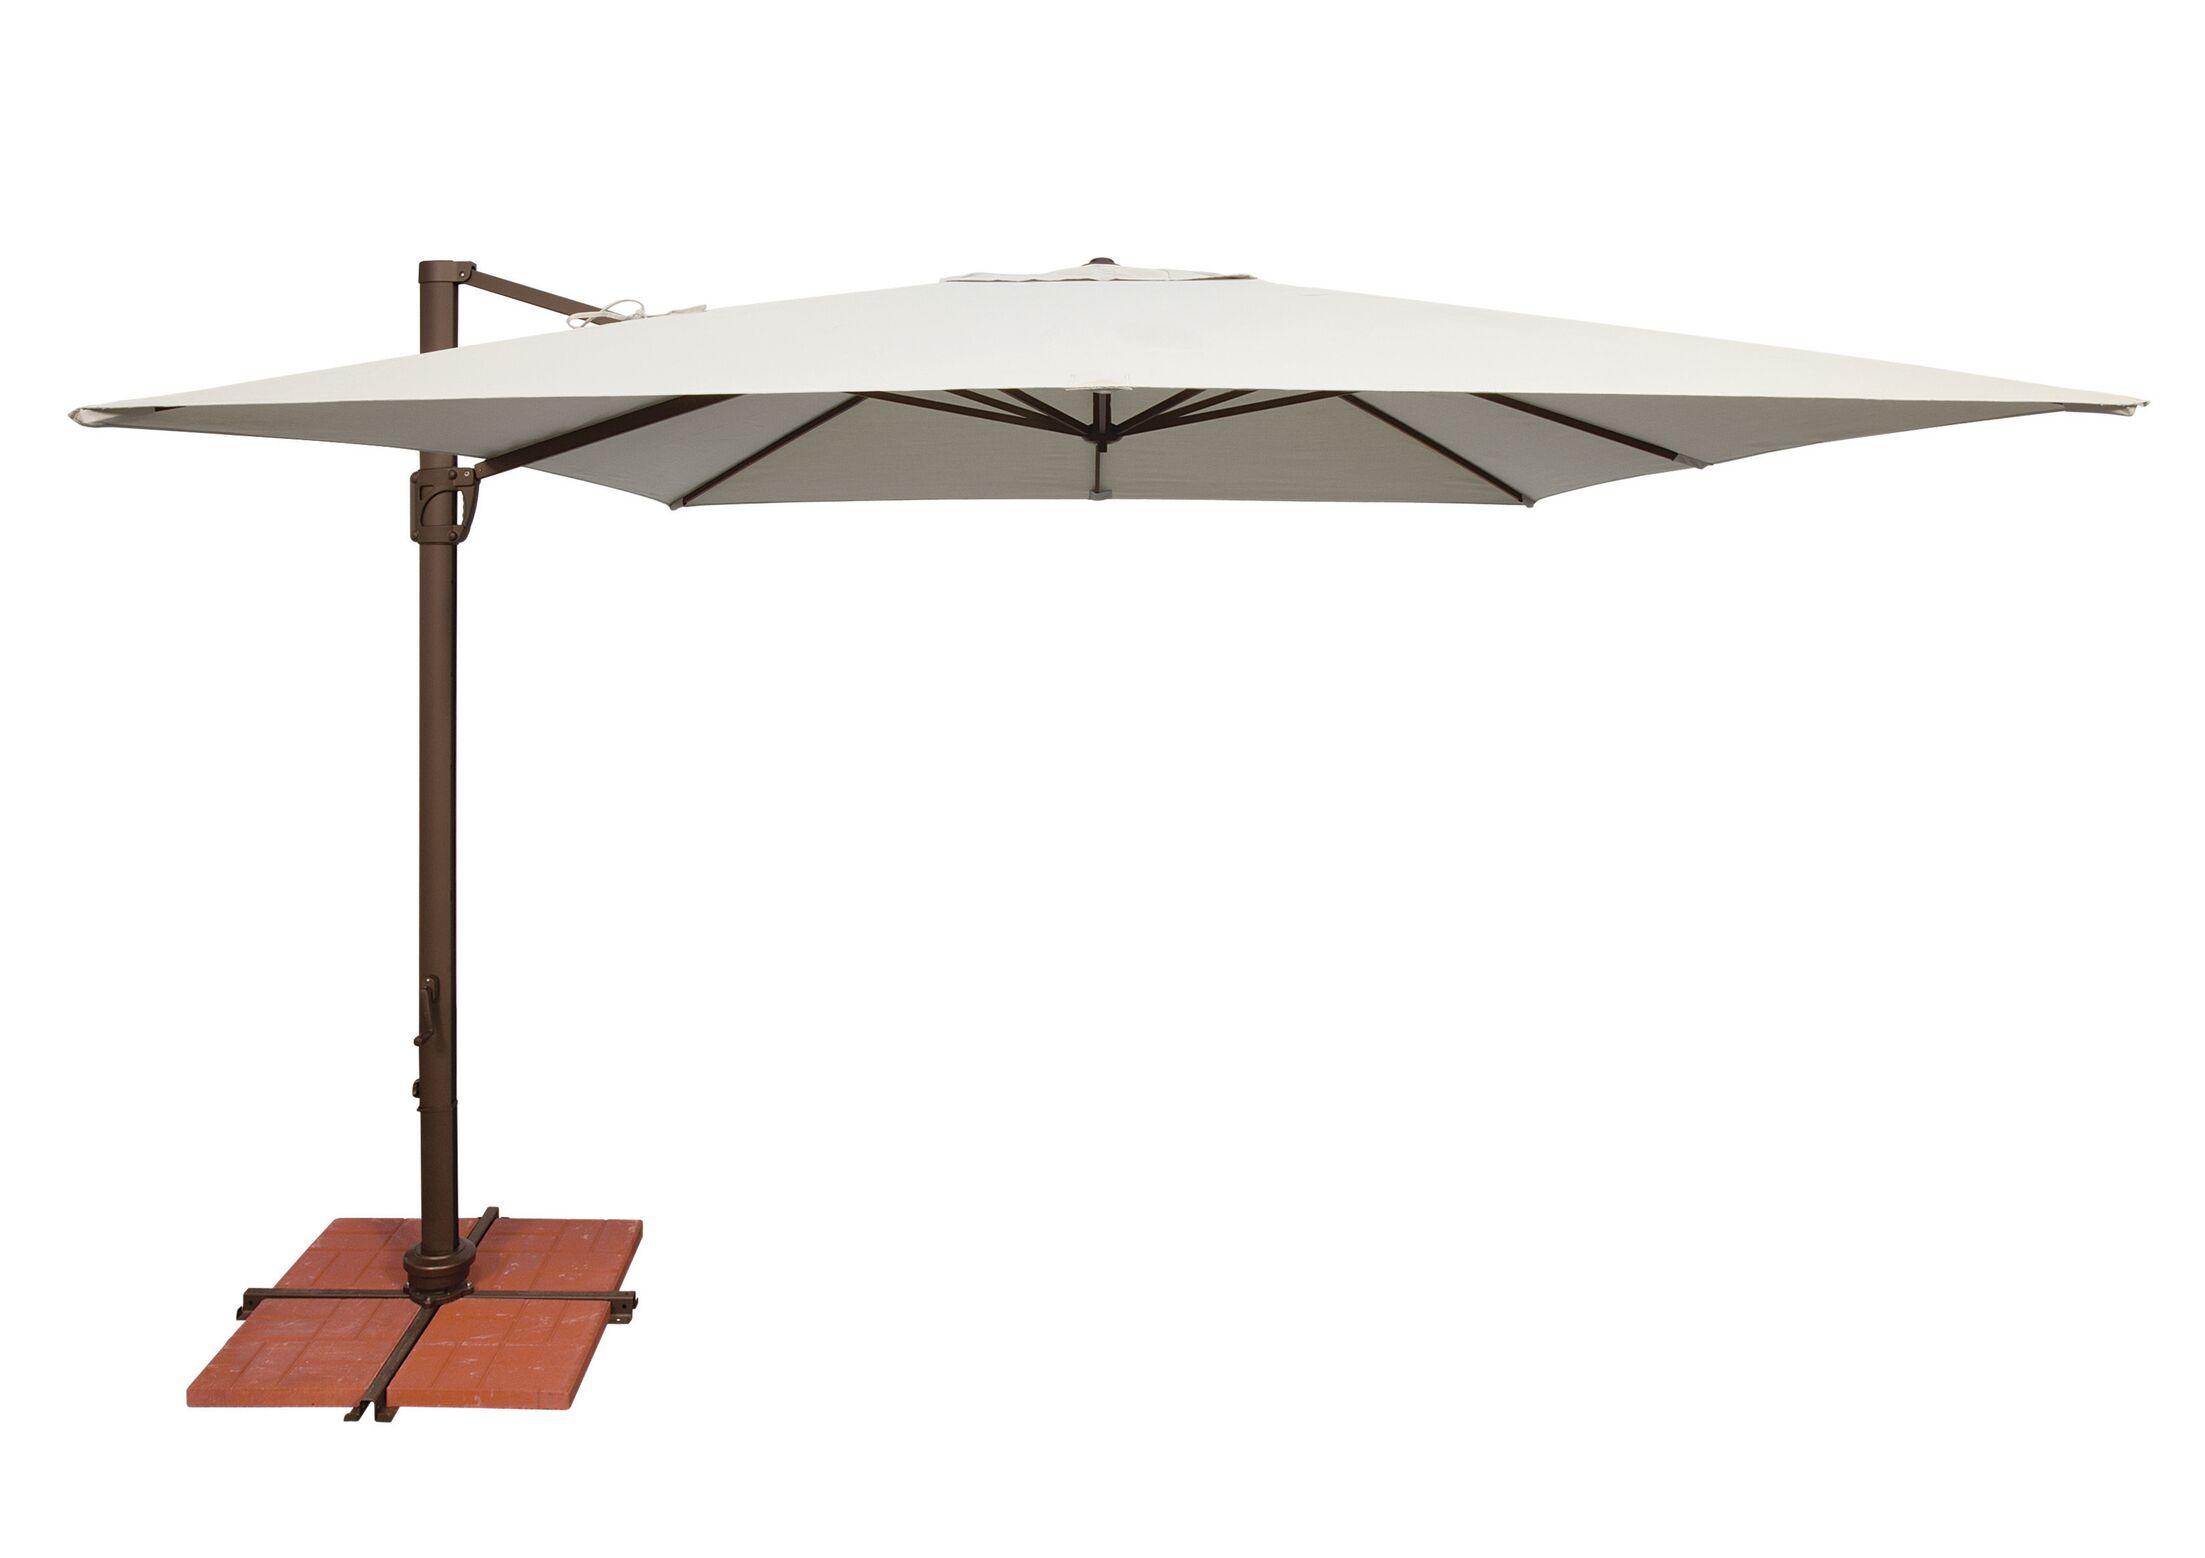 Bali 10' Square Cantilever Umbrella Fabric: Sunbrella / Natural